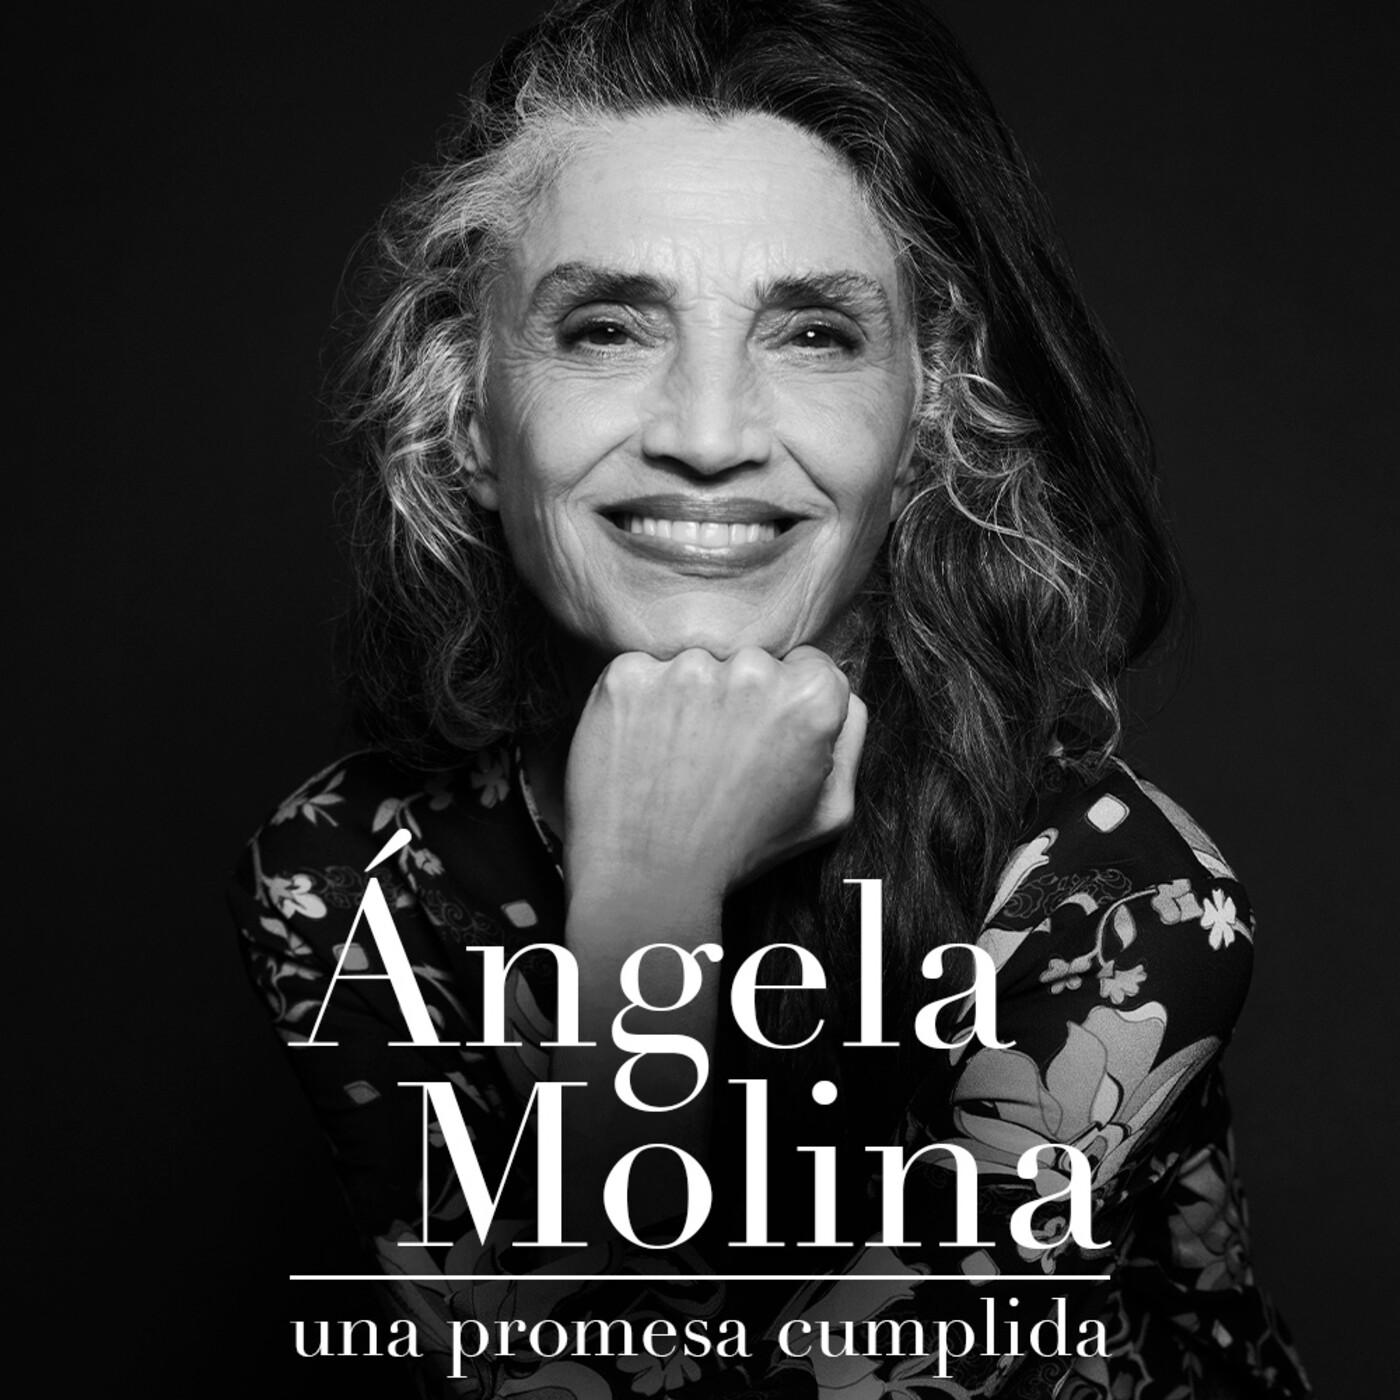 Ángela Molina: una promesa cumplida. Próximamente en El podcast del cine  español en mp3(06/03 a las 15:49:39) 06:14 66422652 - iVoox